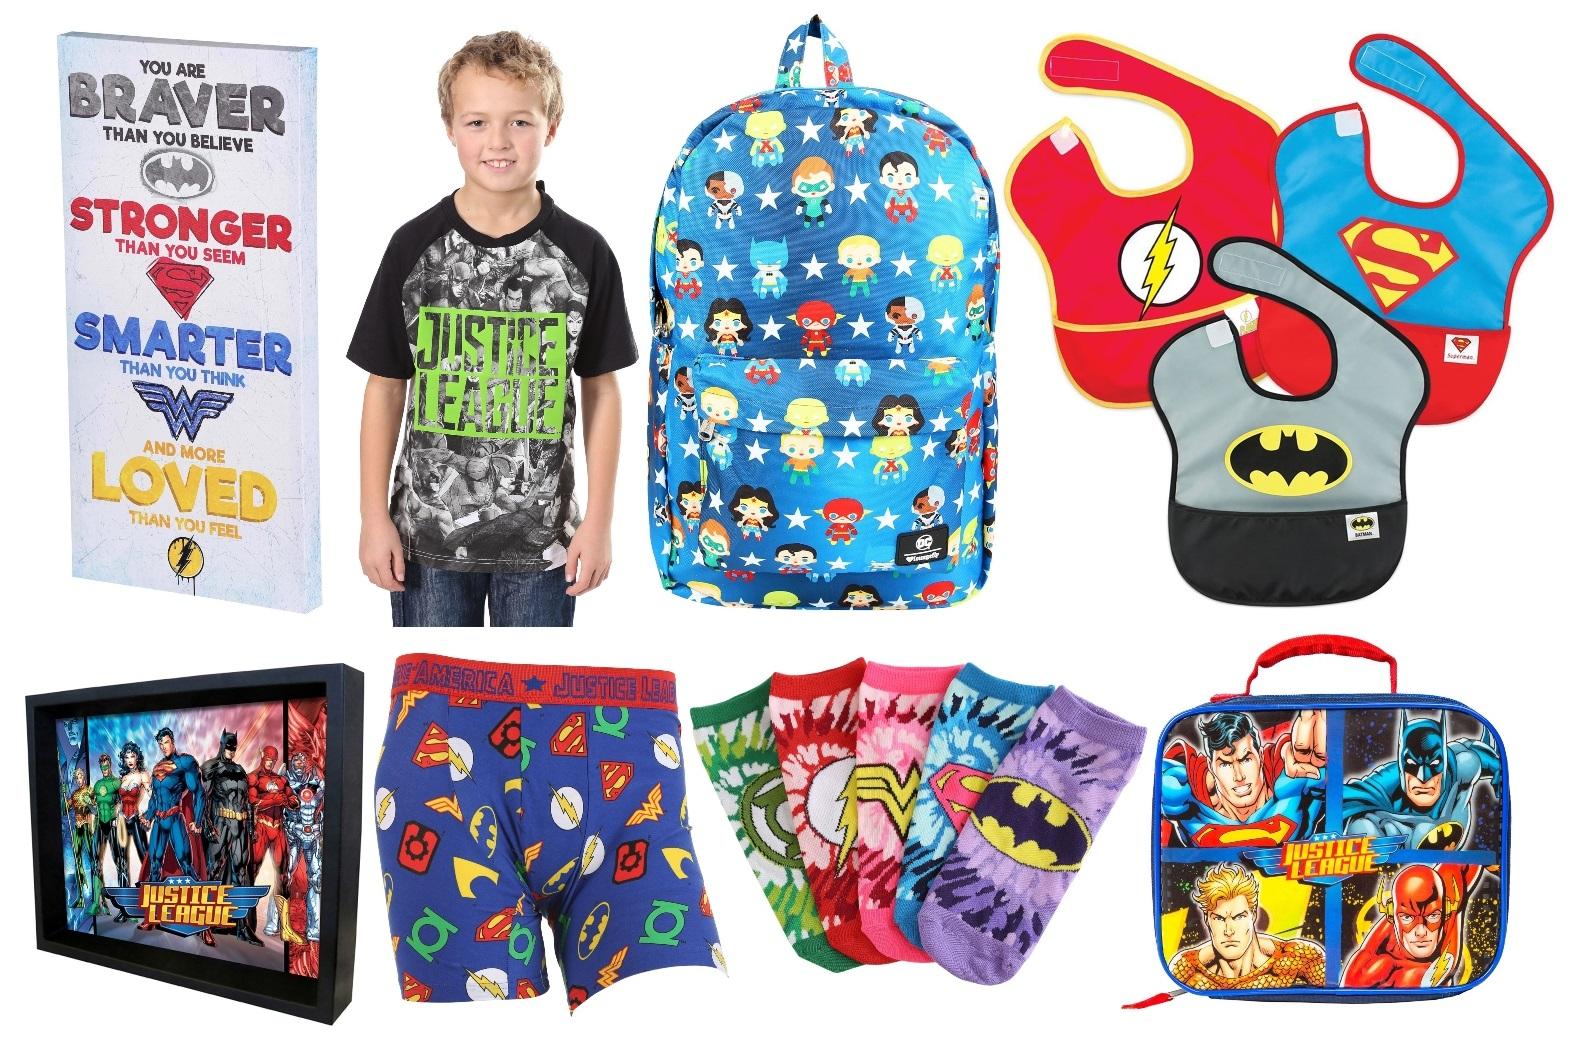 Justice League Merchandise